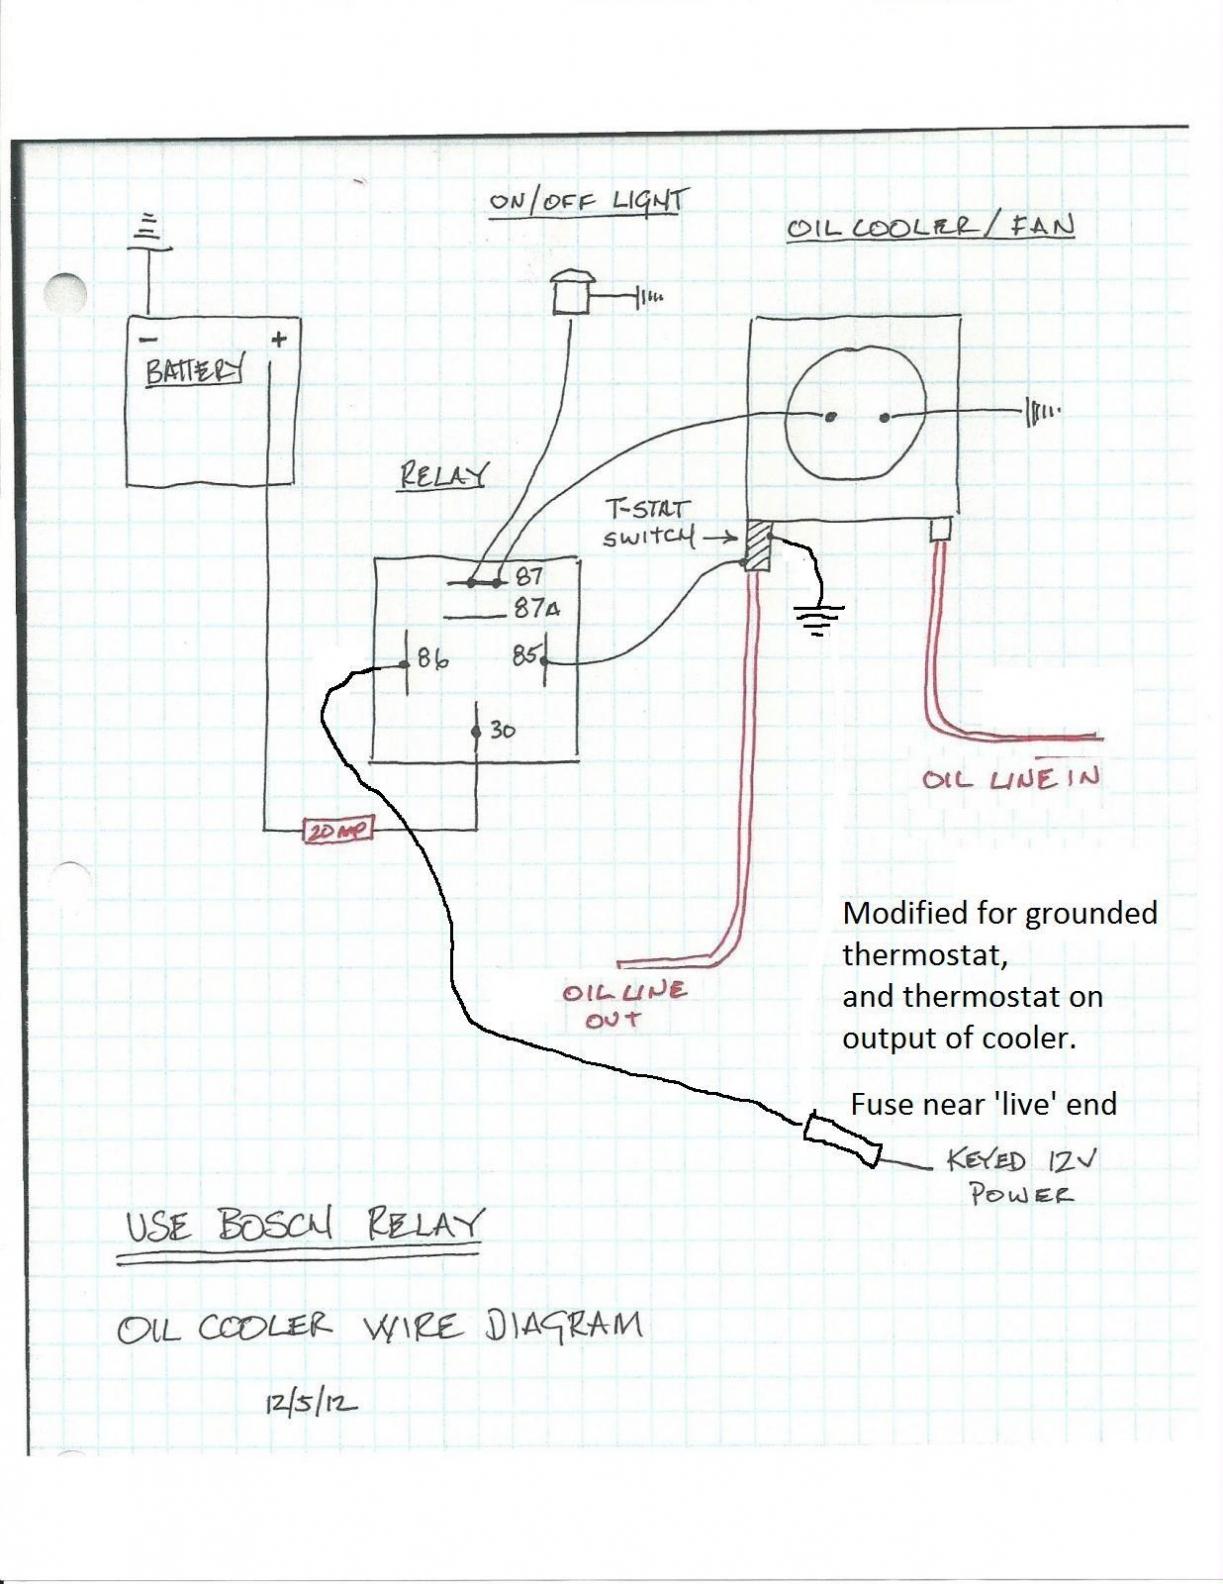 Power Window Switch 5 Wire Diagram | Wiring Library - 5 Pin Power Window Switch Wiring Diagram